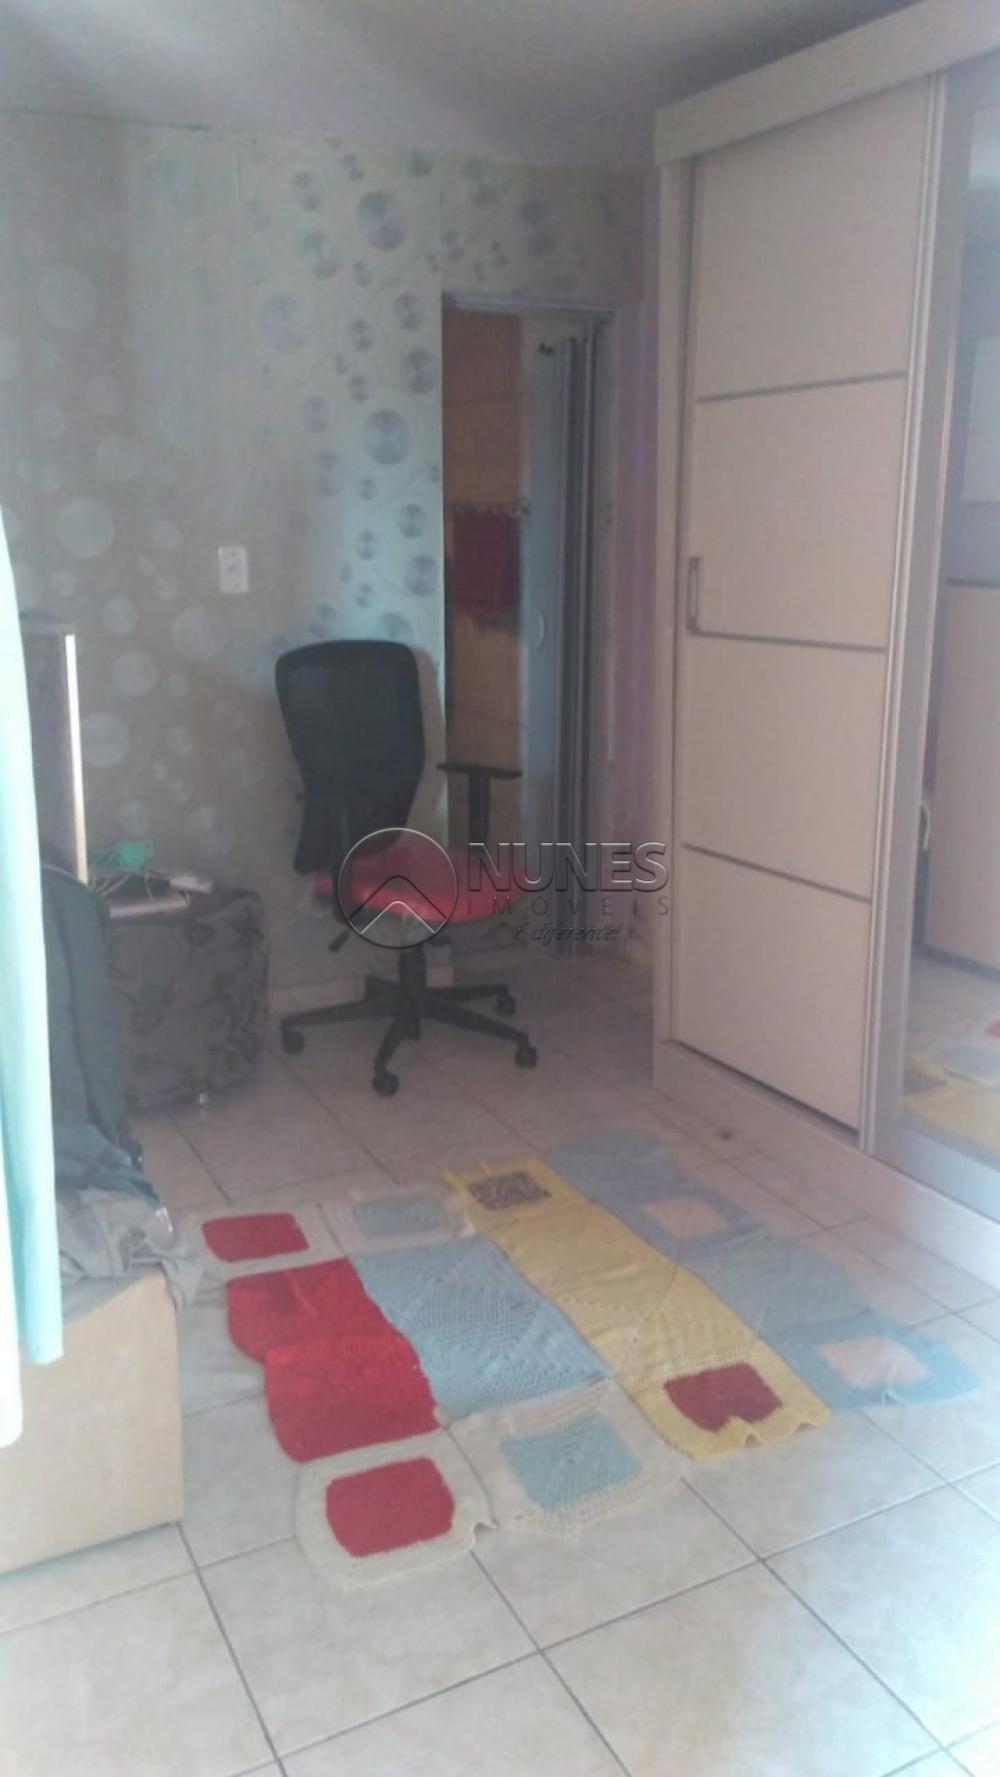 Comprar Casa / Imovel para Renda em Osasco apenas R$ 610.000,00 - Foto 26